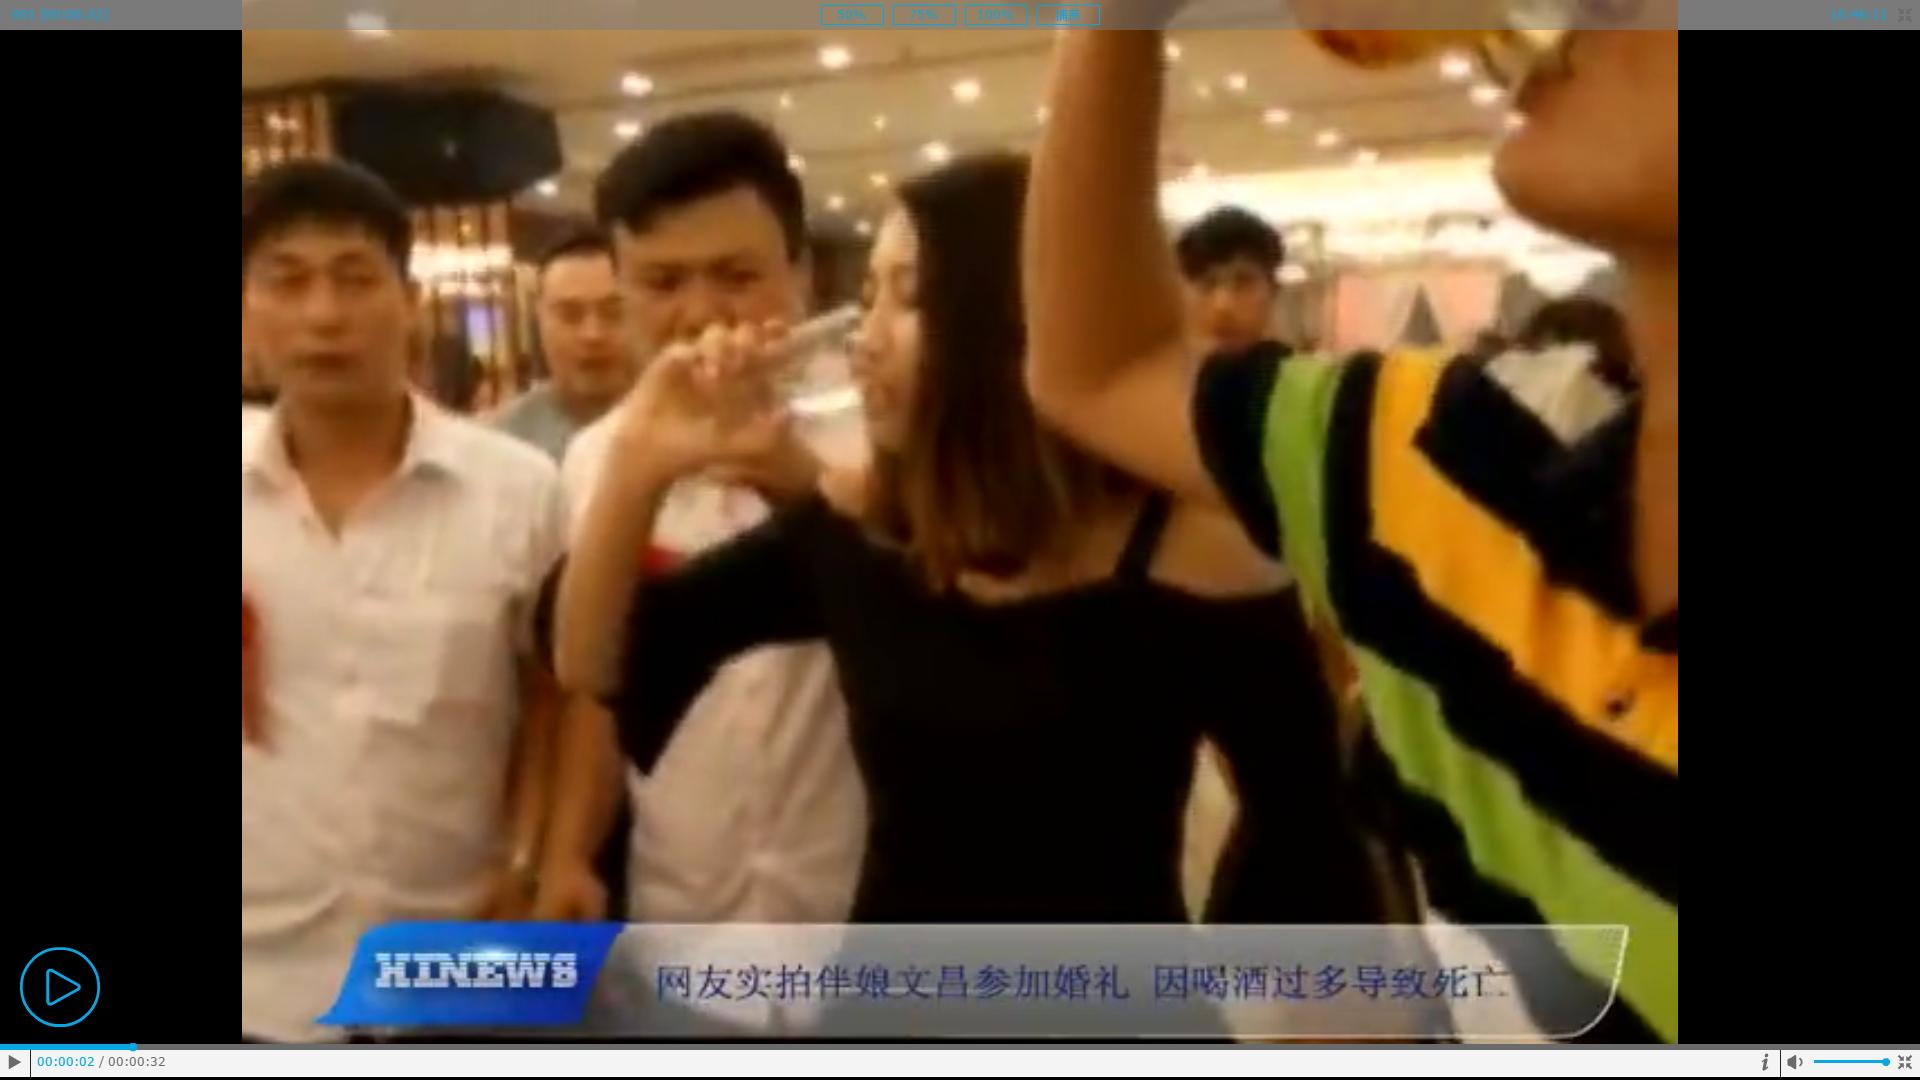 2016年9月10日海南省文昌市28歲美女伴娘婚宴現場狂喝白酒,酒精中毒致死。(視像擷圖)